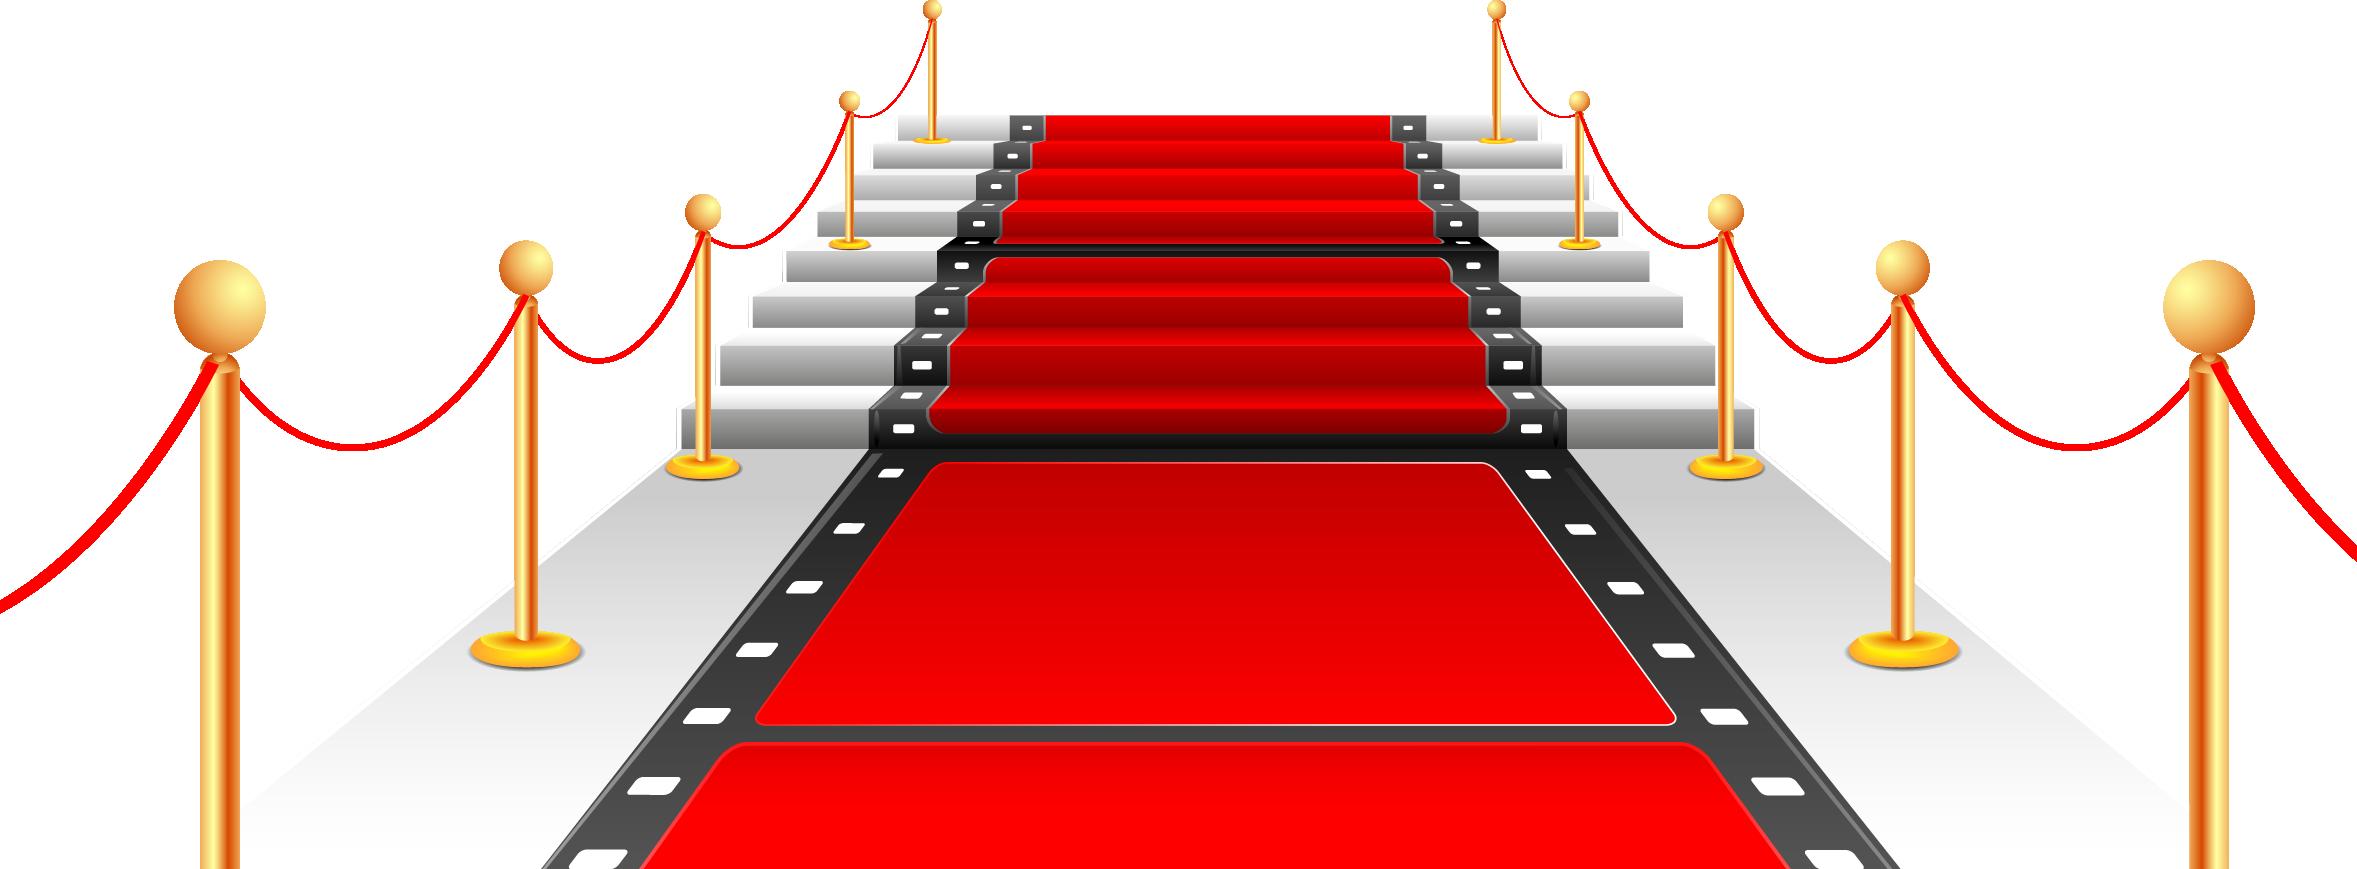 Pin By Next On Tapis Rouge Black Carpet Textured Carpet Blue Carpet